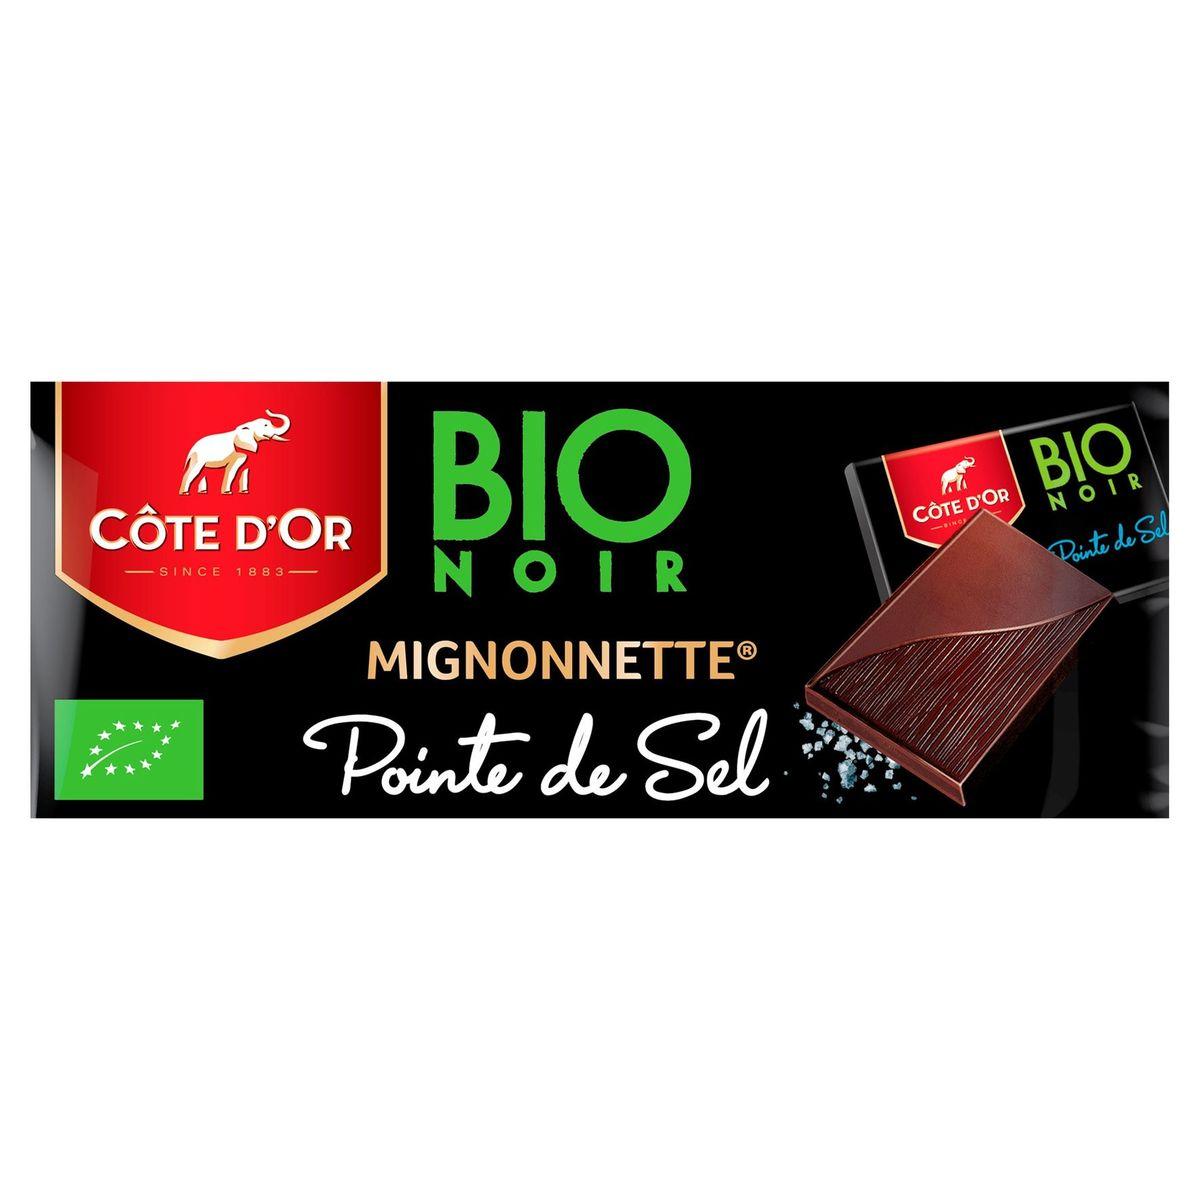 Côte d'Or Bio Noir Mignonnette Pointe de Sel 180 g